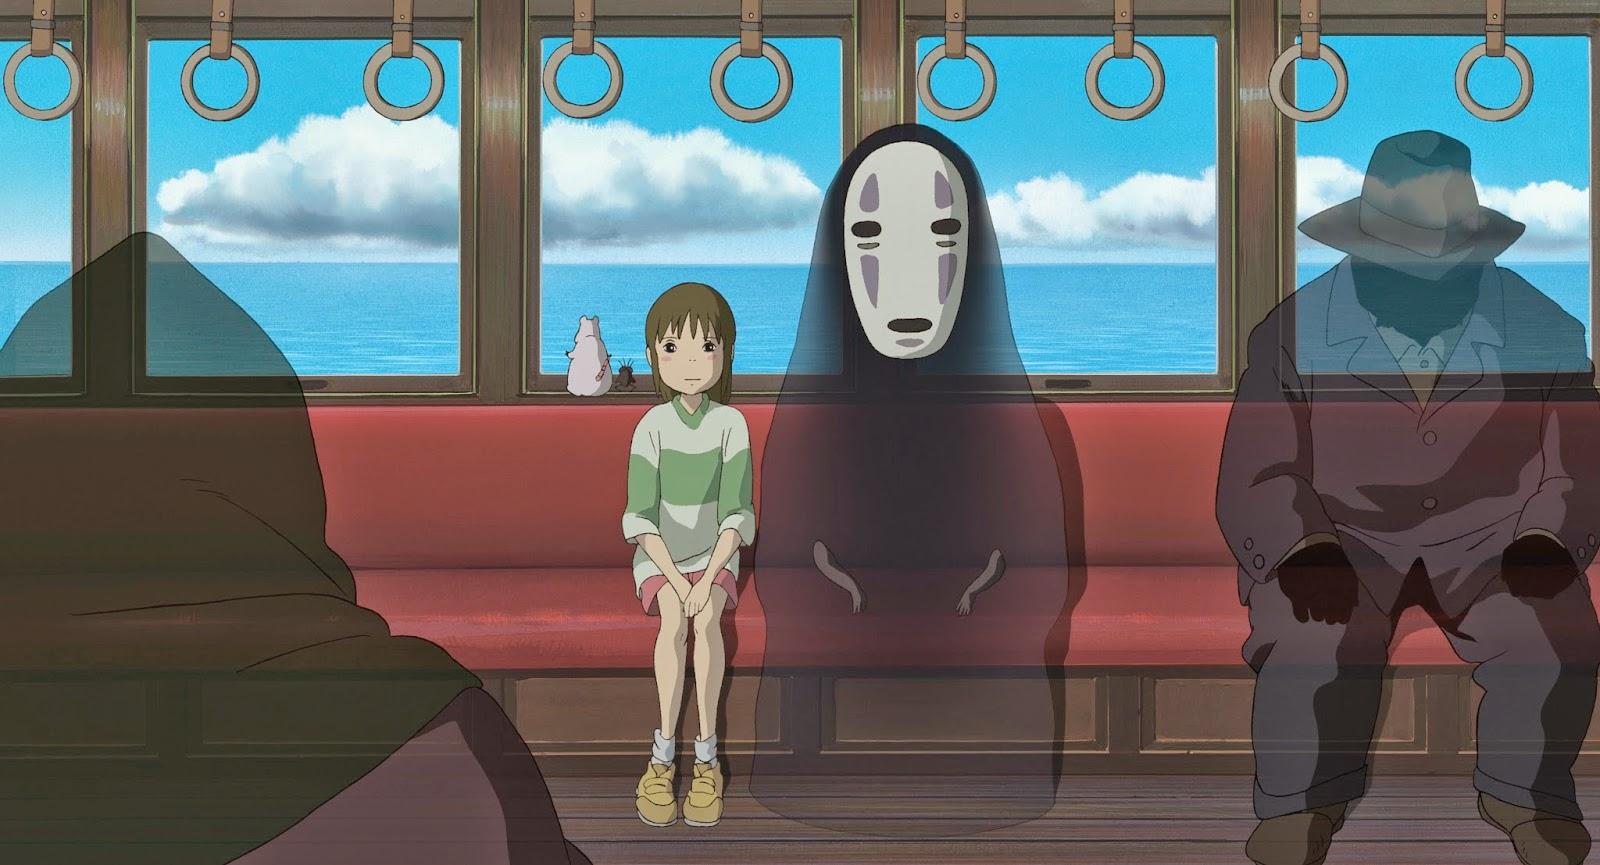 """Sen/Chihiro e Senza Volto in viaggio verso la casa di Zeniba. Fotogramma da """"La città incantata."""